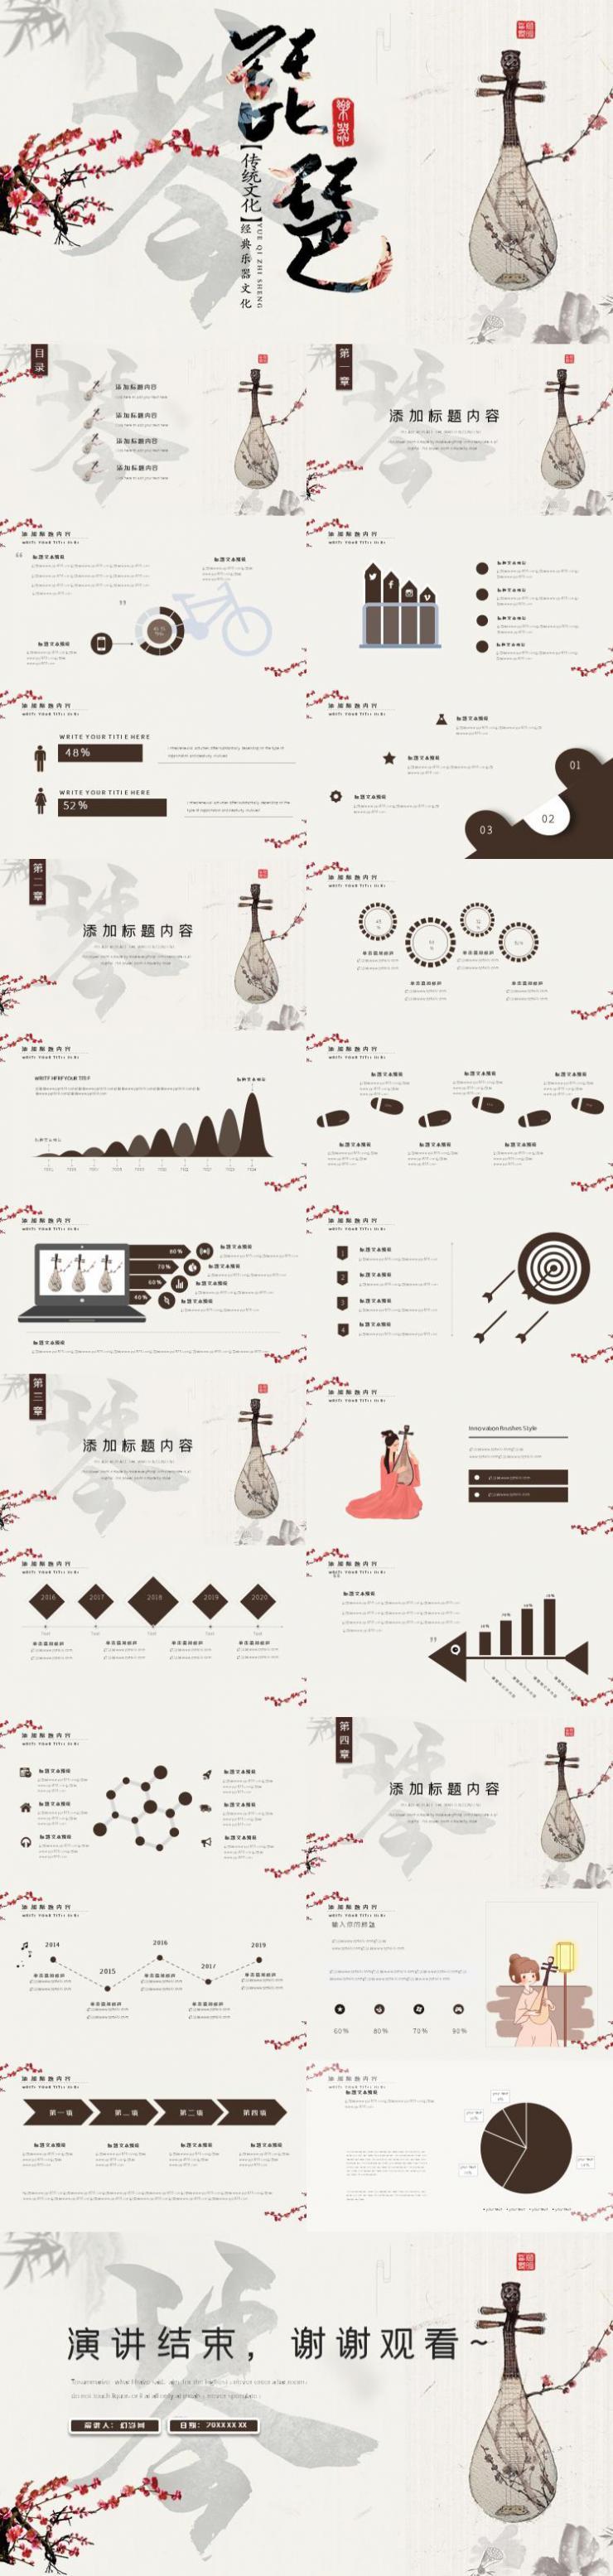 琵琶经典乐器文化PPT模板下载